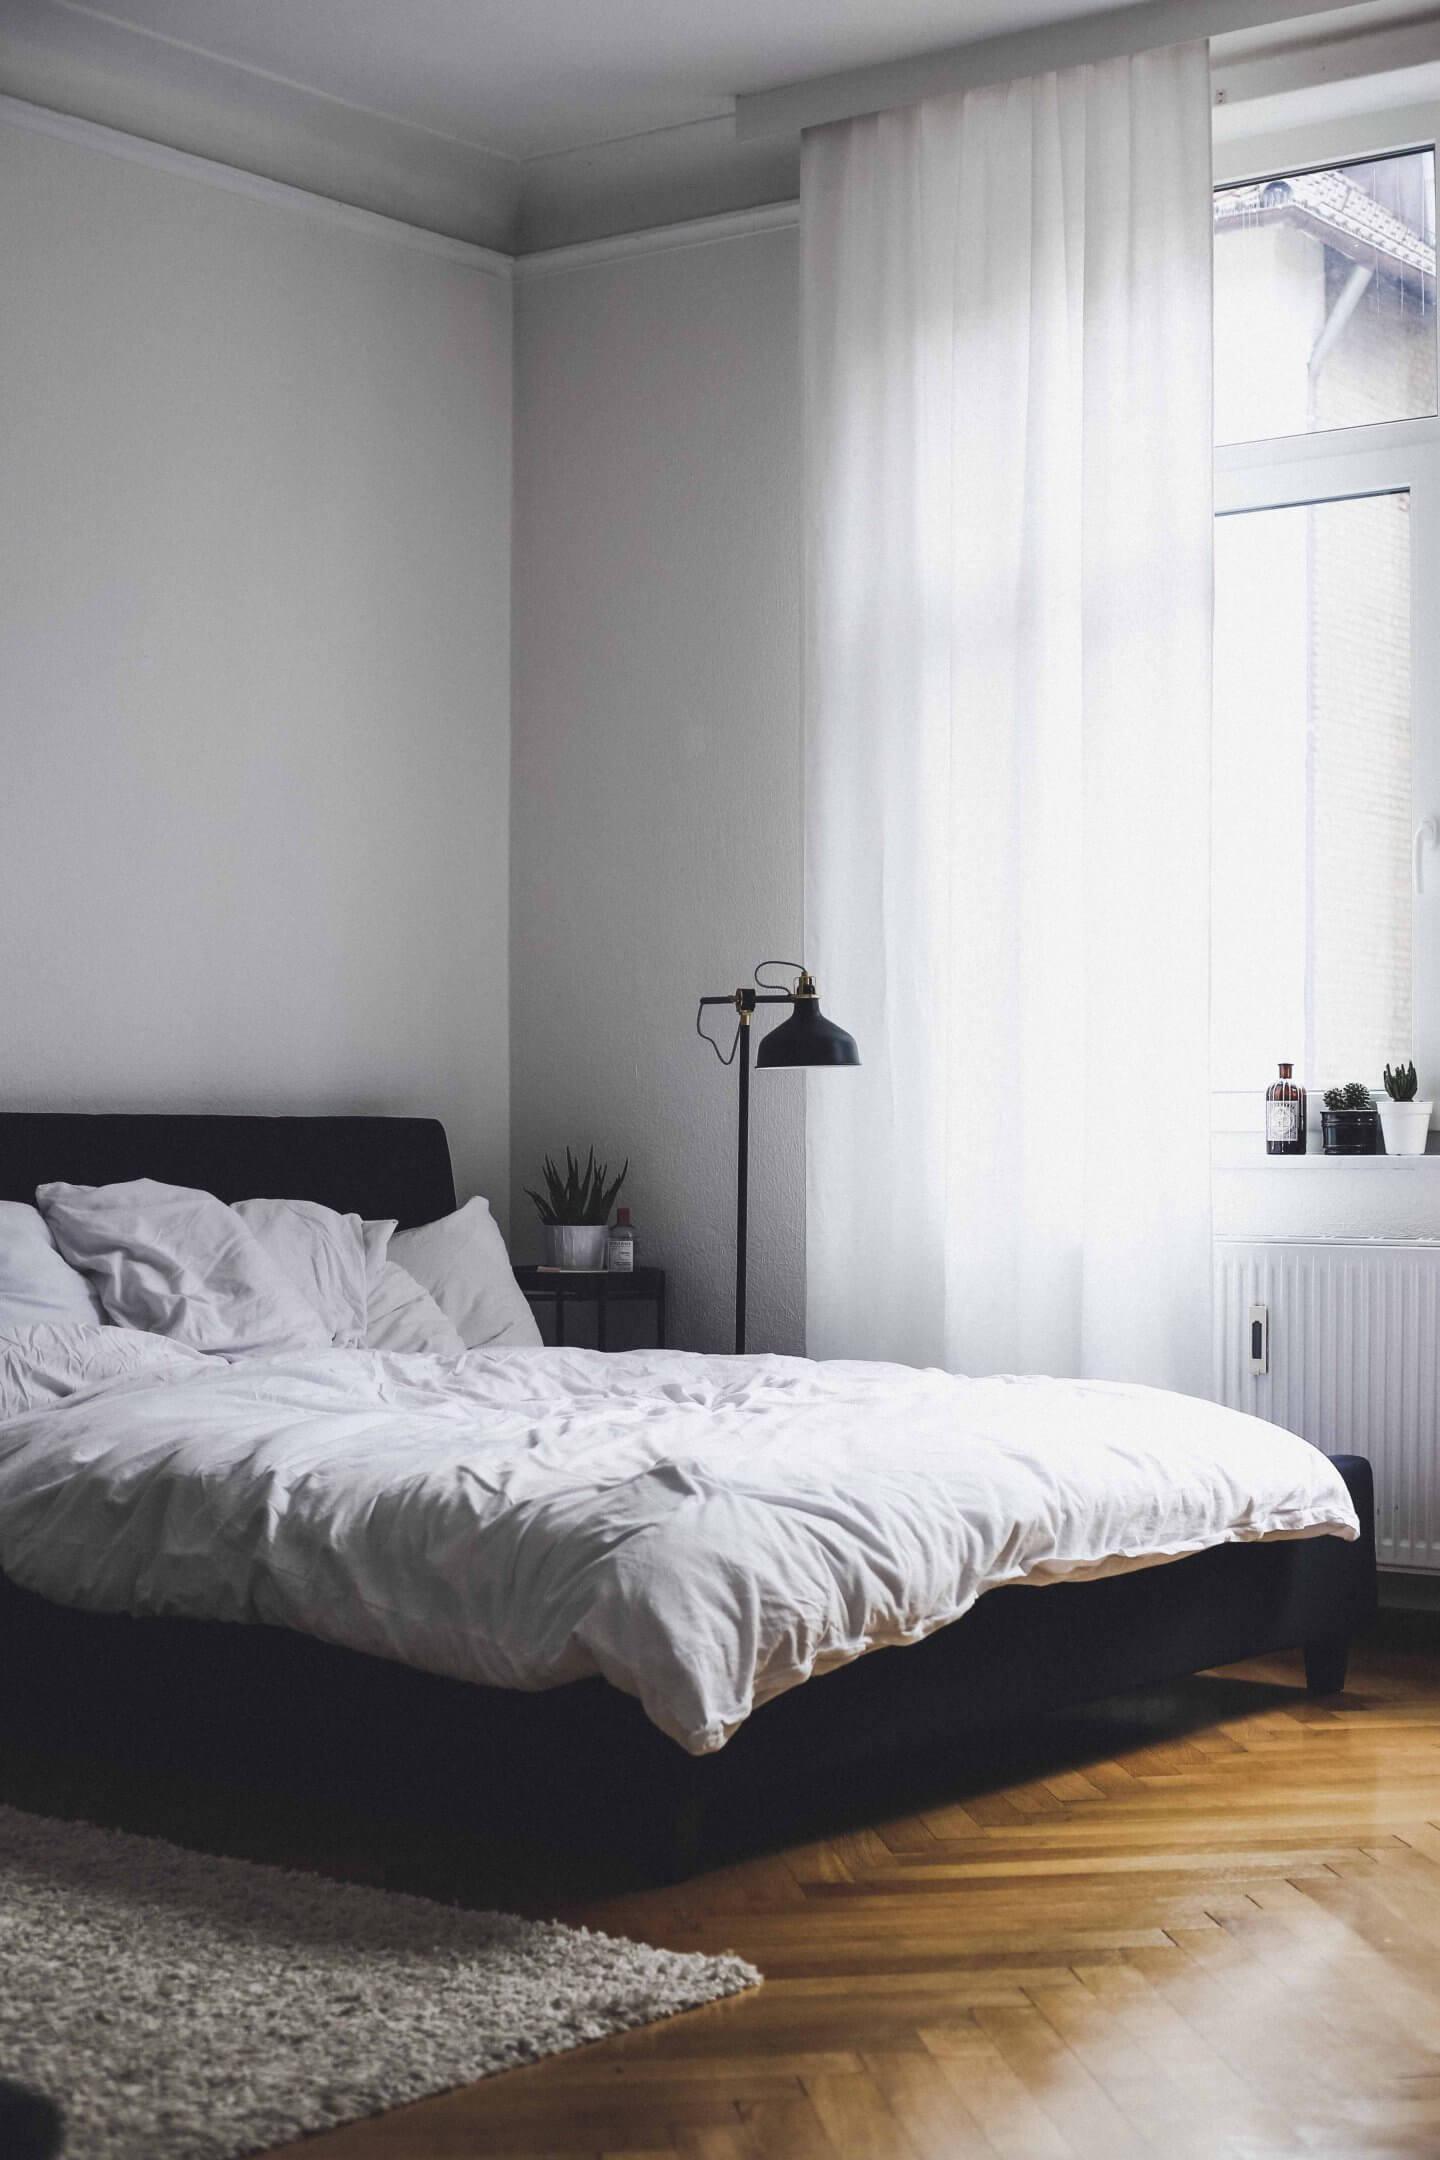 Full Size of Bett Minimalistisch Interior Schlafzimmer Doandlivede Lifestyleblog Aus Komforthöhe Hülsta Boxspring Mit Gästebett Betten 160x200 Schreibtisch 120x200 Bett Bett Minimalistisch